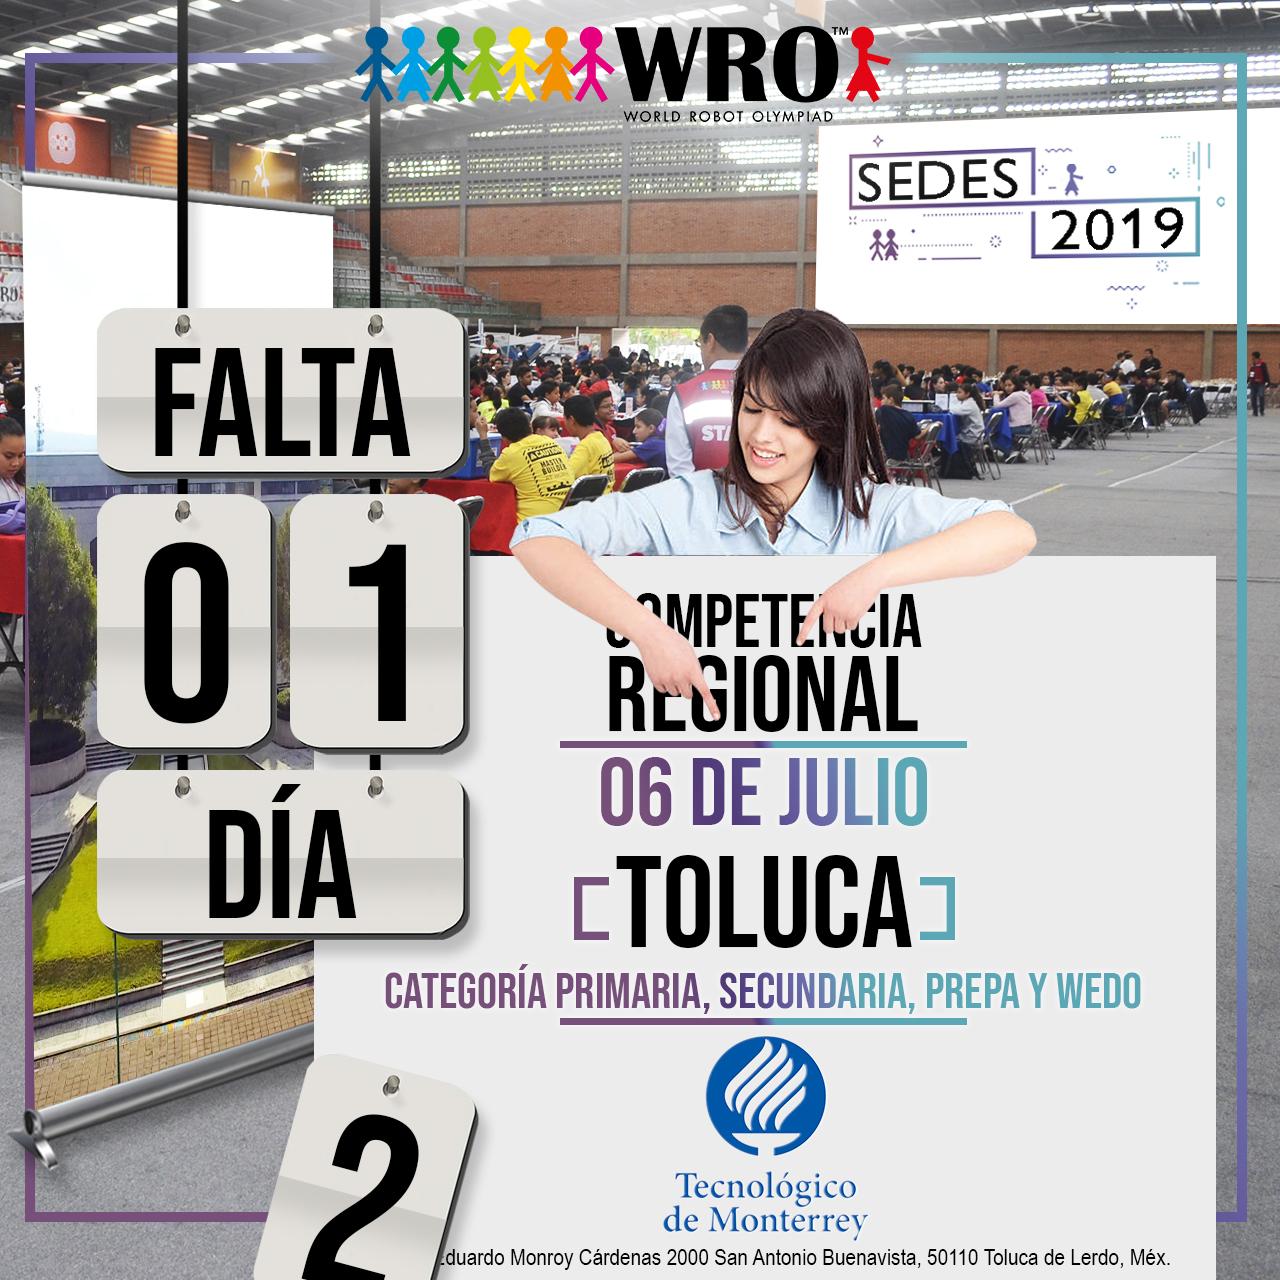 WRO México | Falta 1 día Sede Toluca